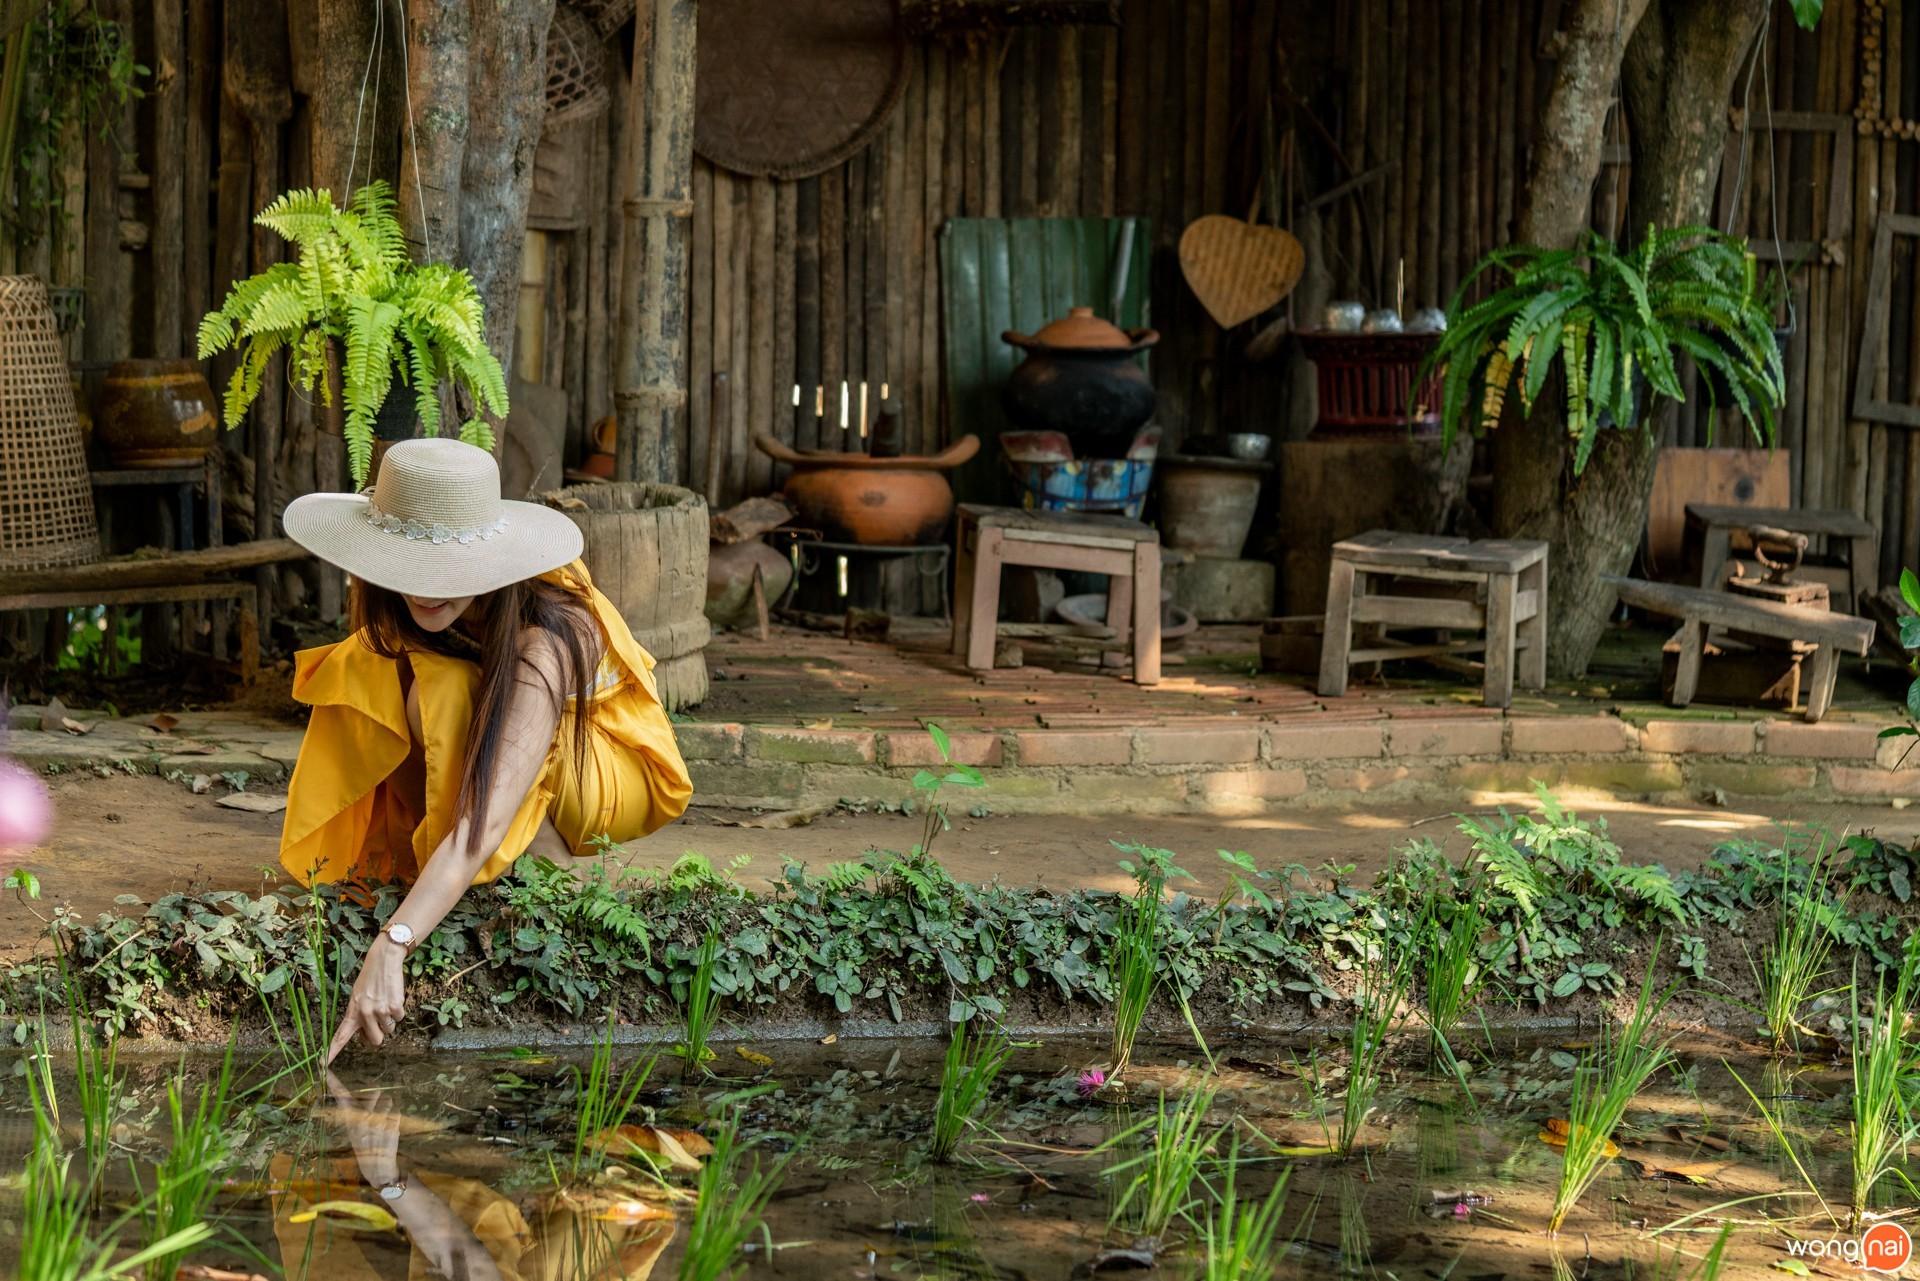 ที่เที่ยวเชียงใหม่, เที่ยวเชียงใหม่ , ร้านกาแฟเชียงใหม่ , วัดชัยมงคล , ที่เที่ยวริมแม่น้ำปิง , บ้านโบราณเชียงใหม่